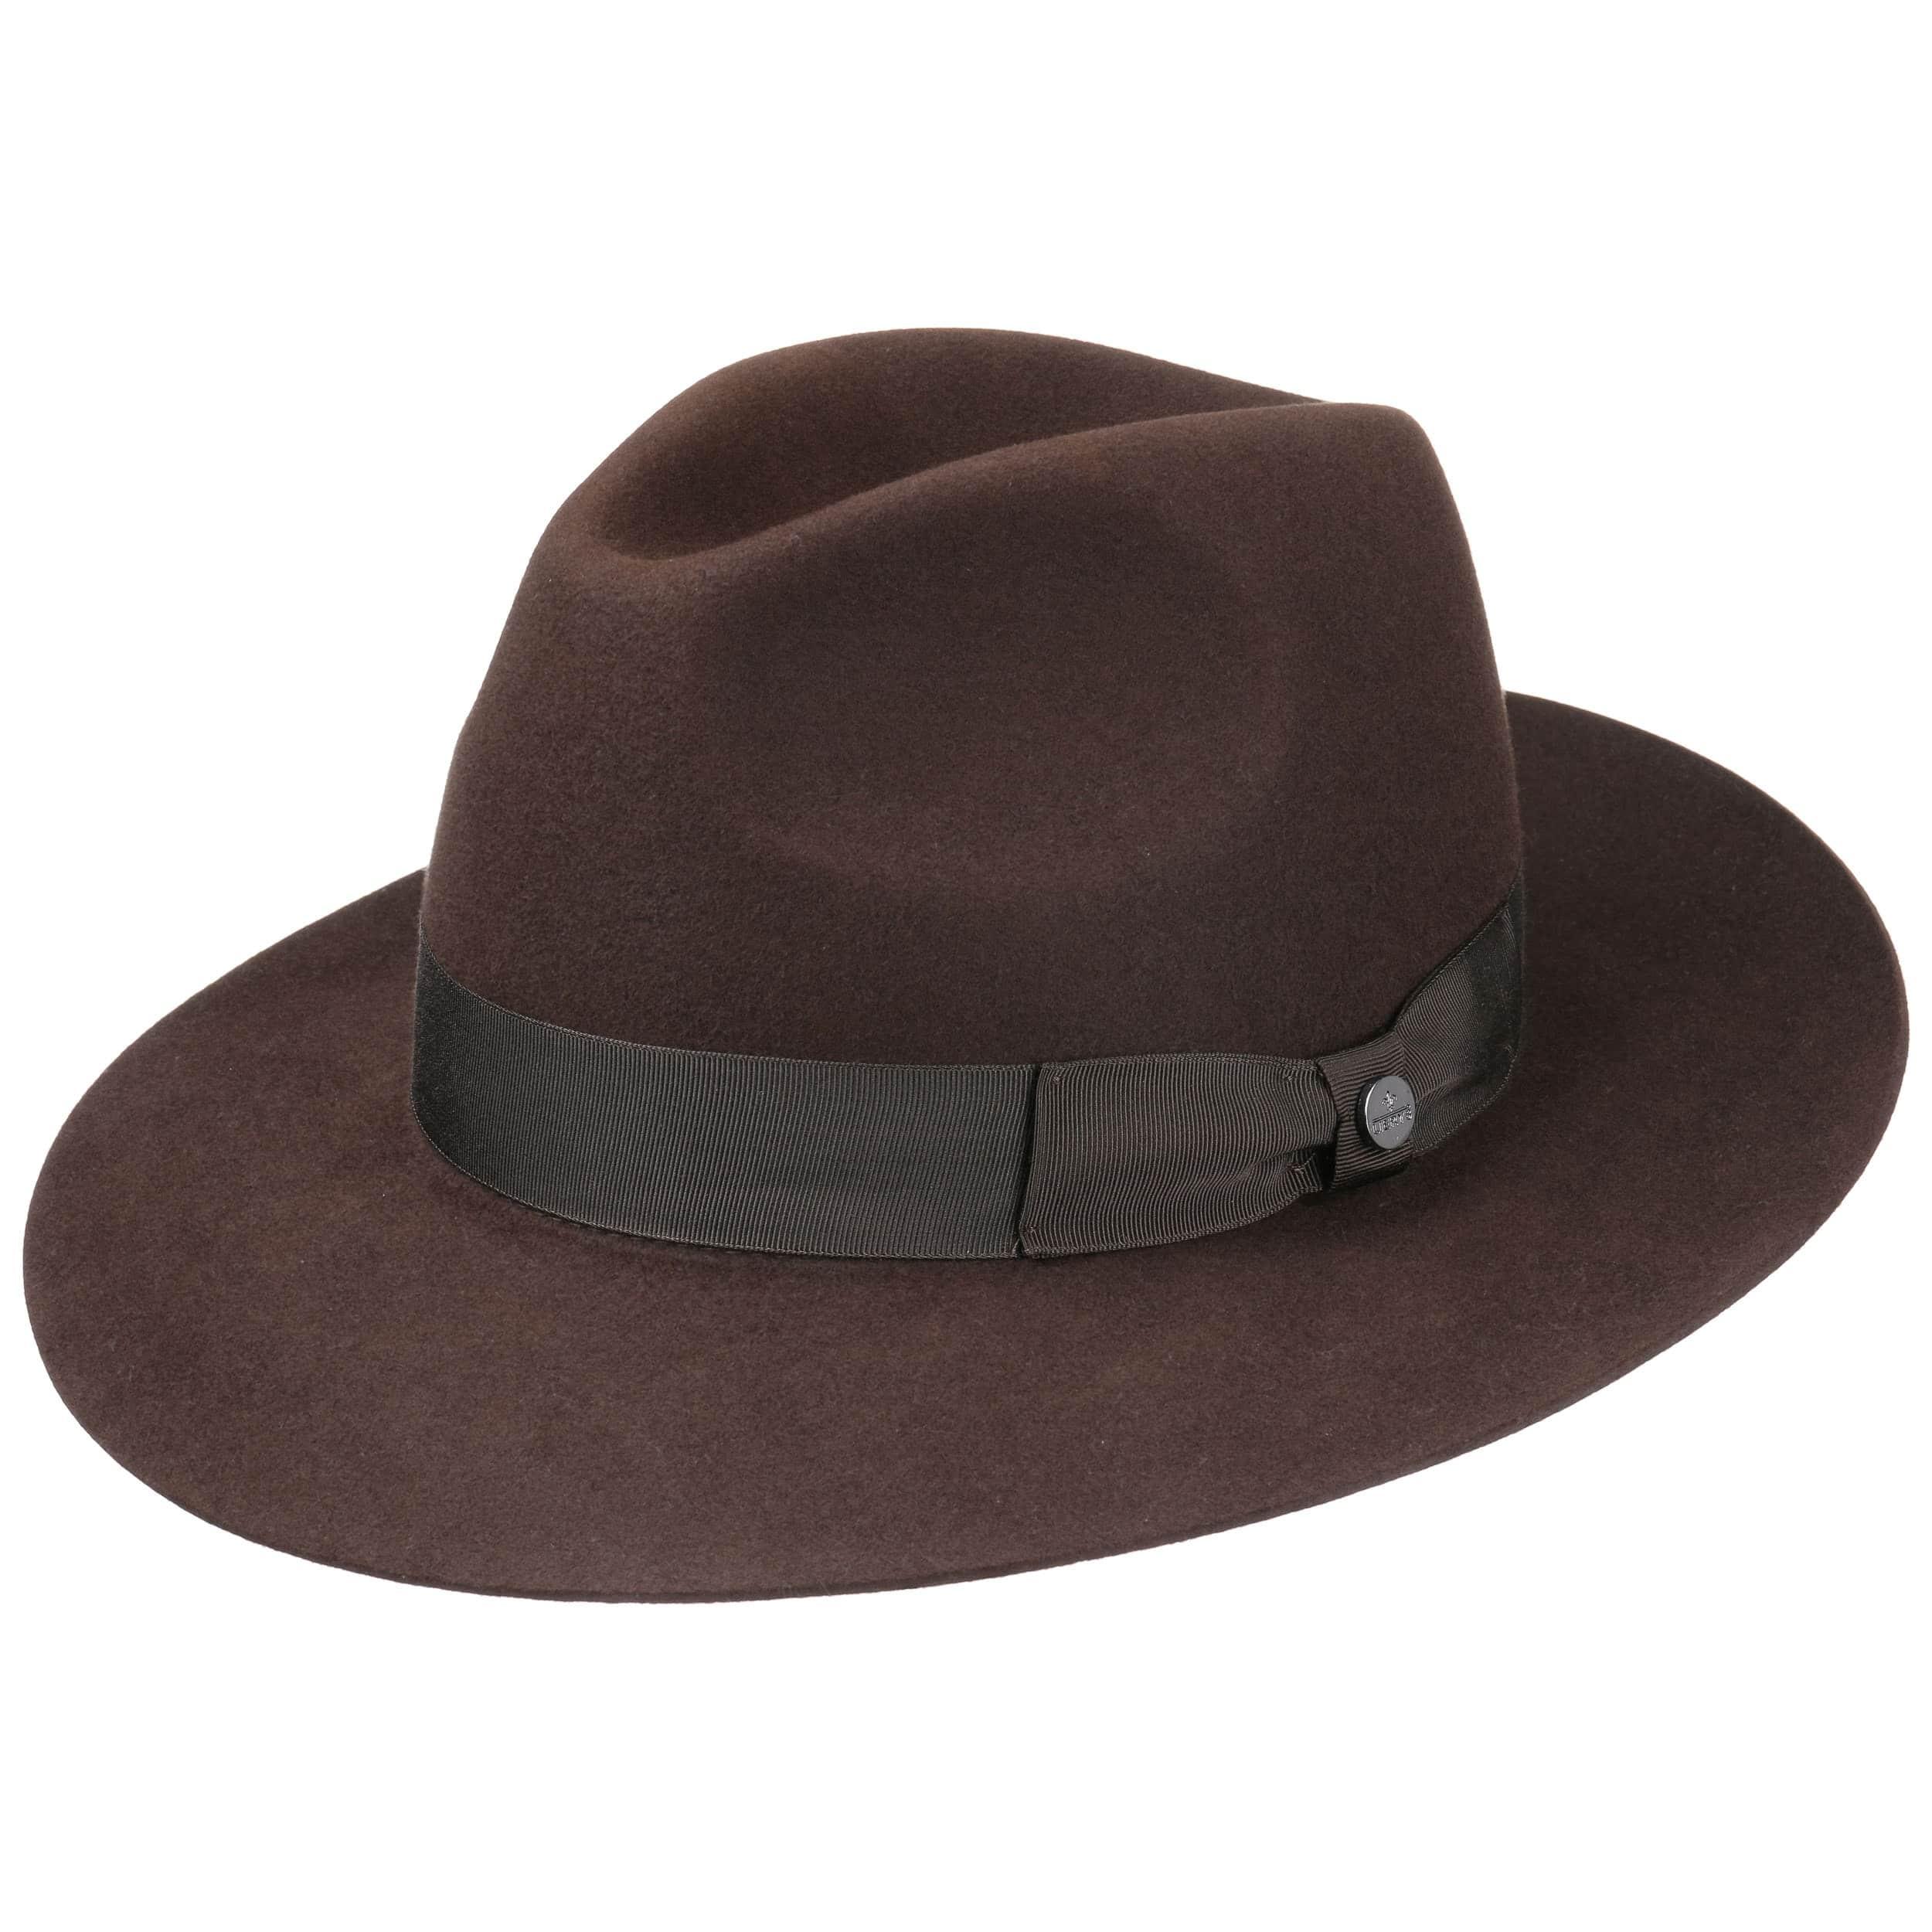 b37098103e023 Sombrero bogart fieltro de pelo lierys sombreros jpg 2500x2500 Marron  modelos de sombreros